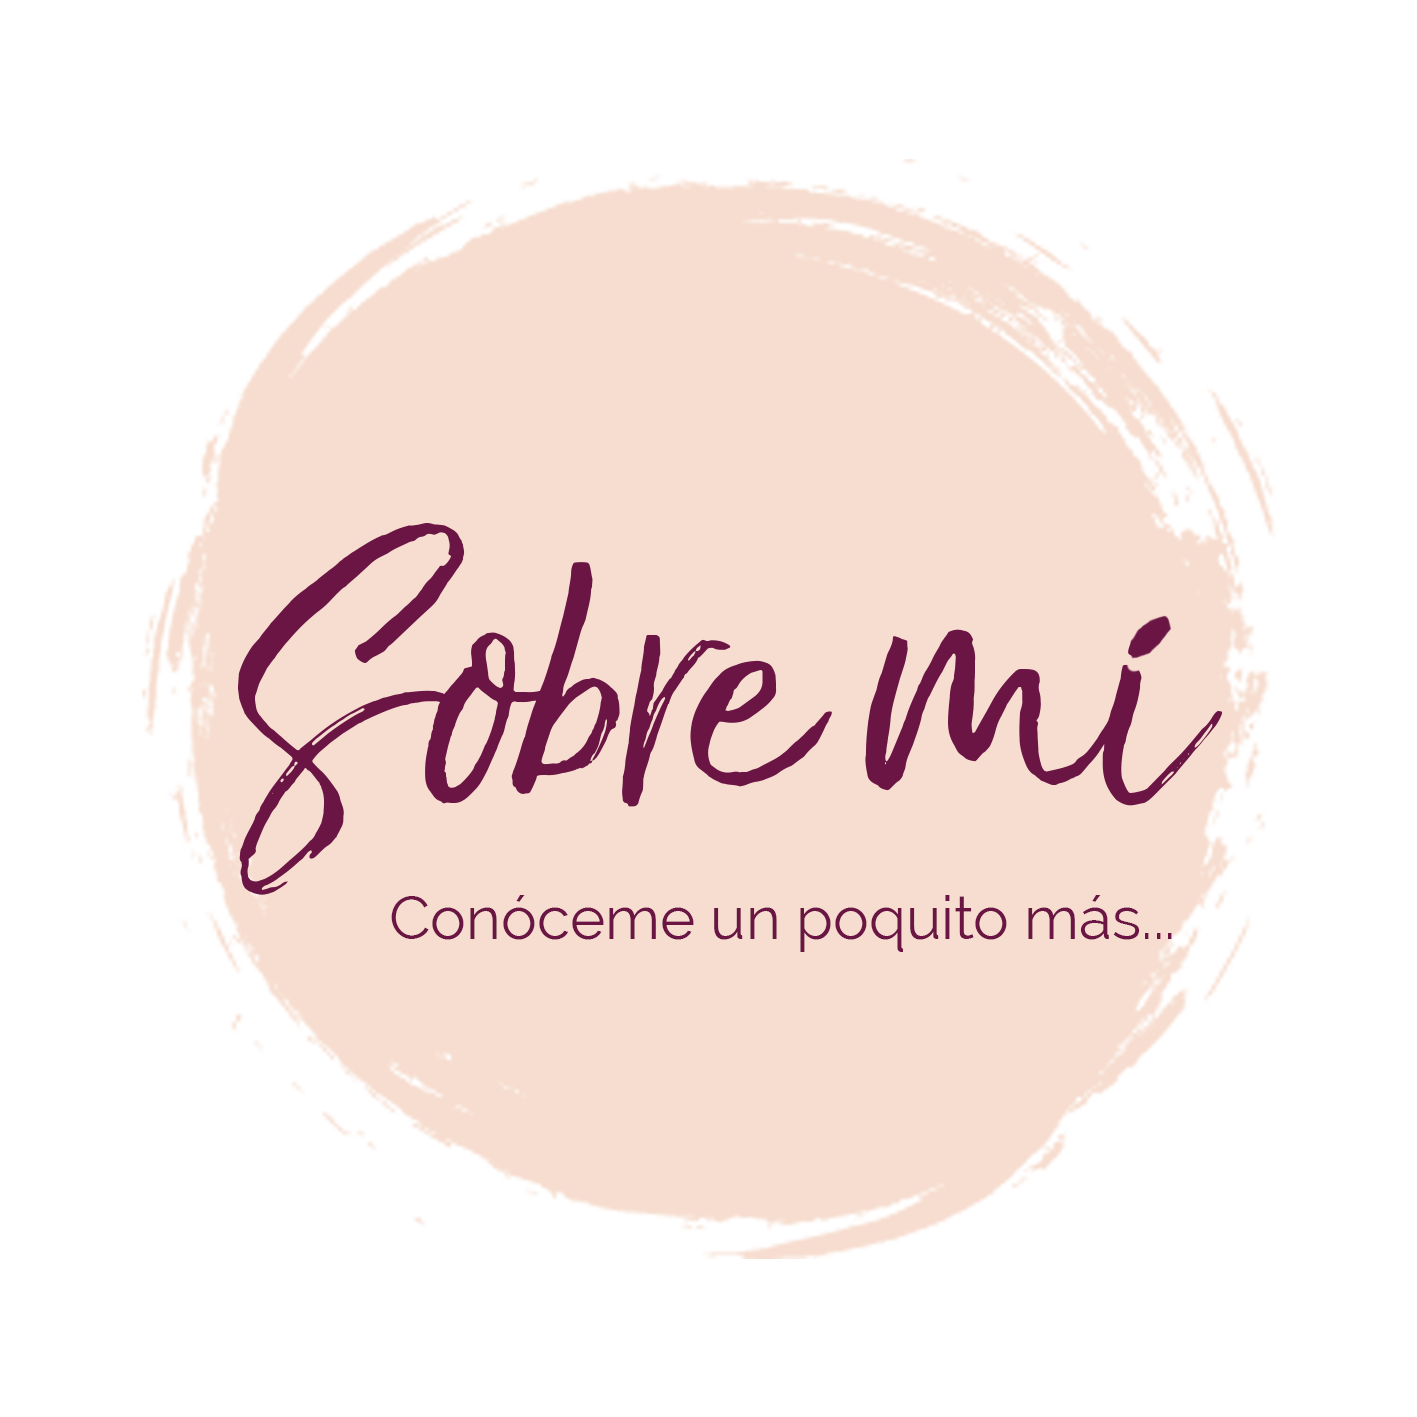 Inicio_Sobre_mi_5.png